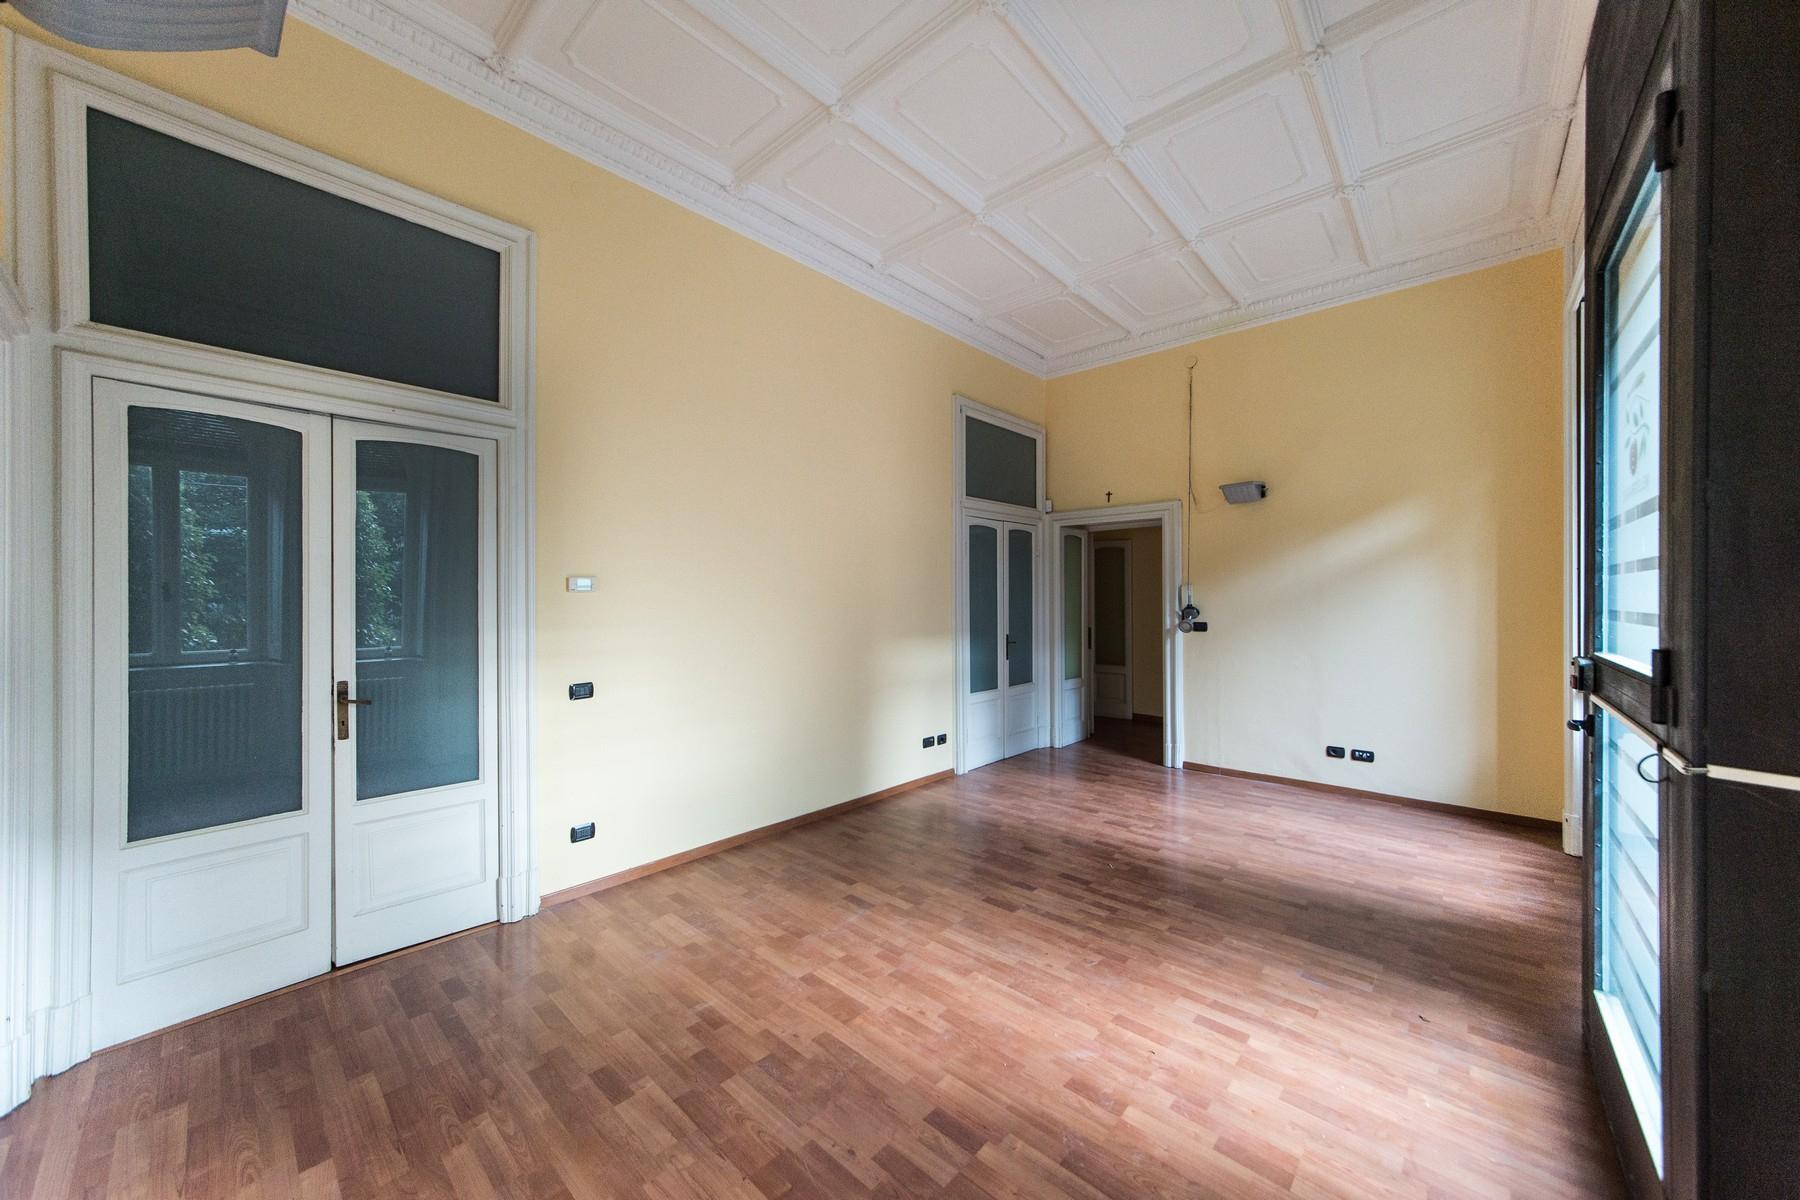 Ufficio-studio in Vendita a Como: 0 locali, 230 mq - Foto 11